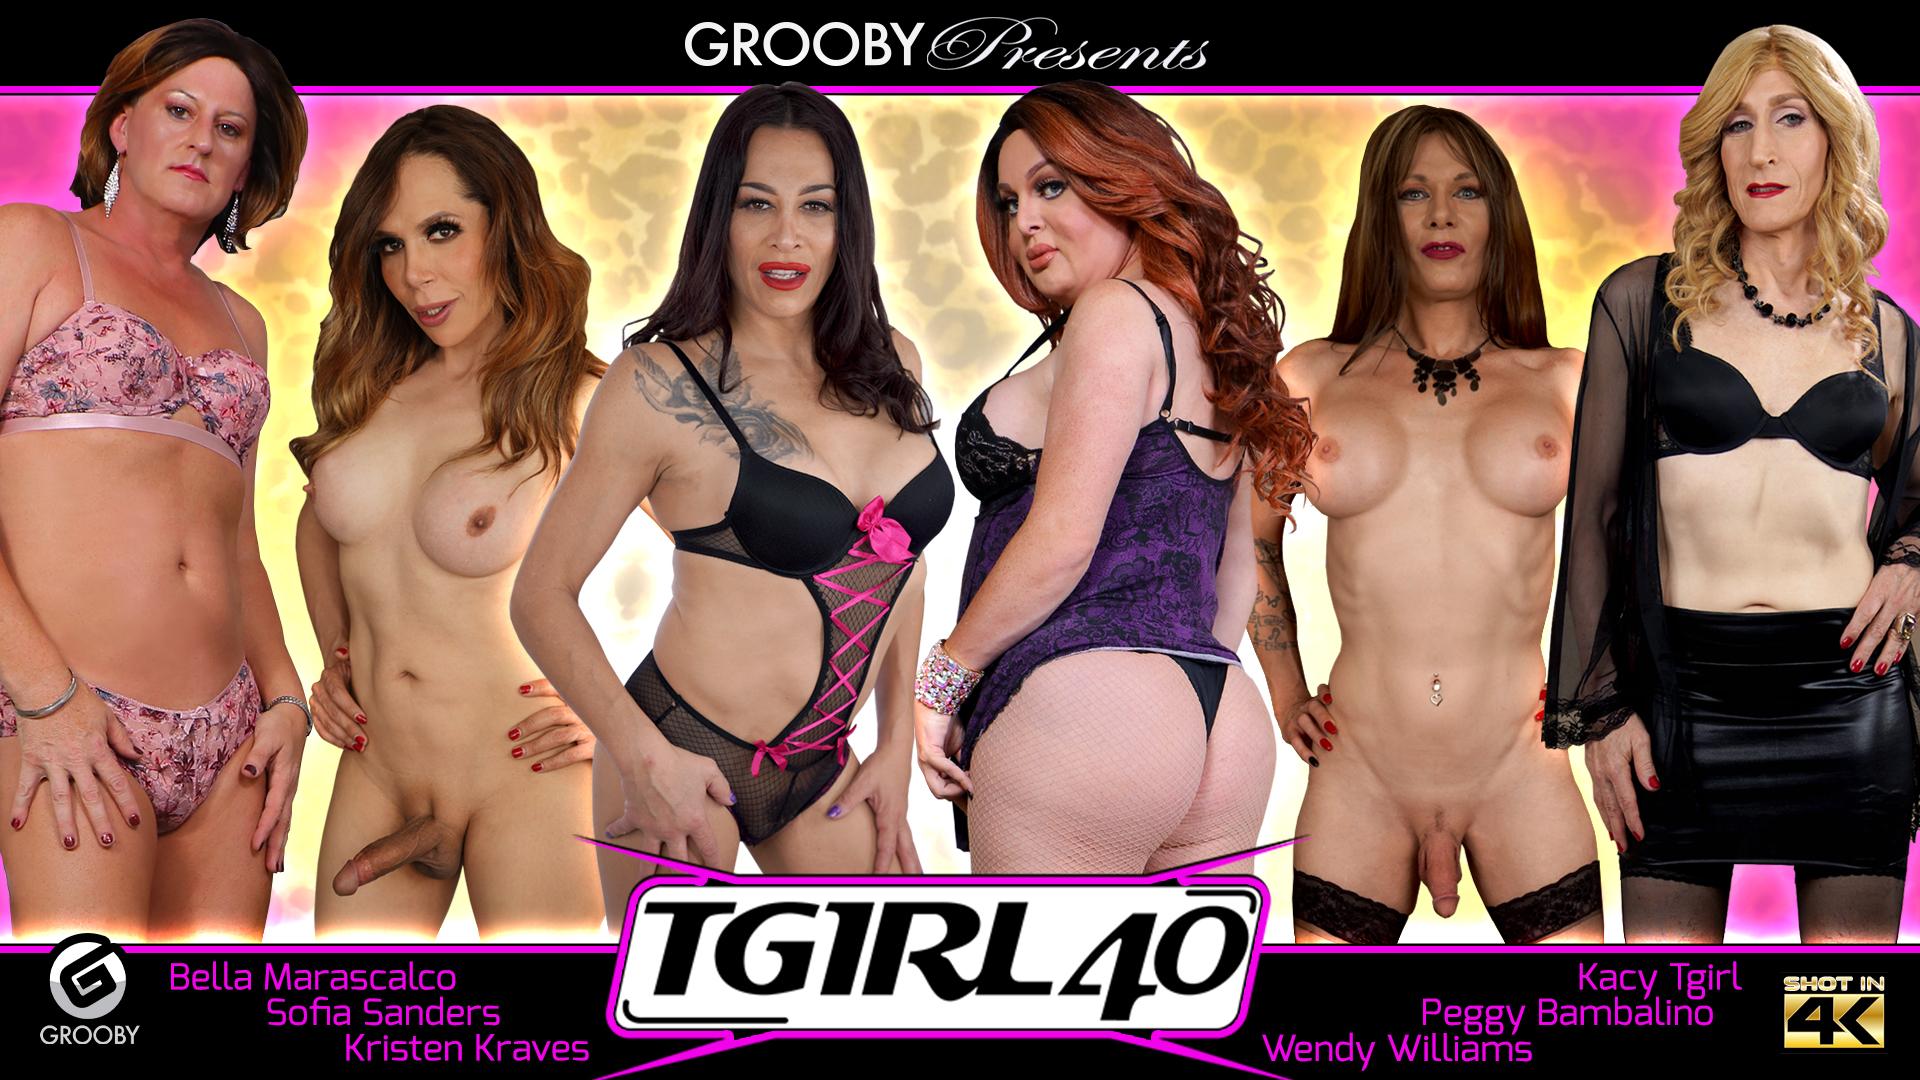 Tgirl 40 - DVD Trailer